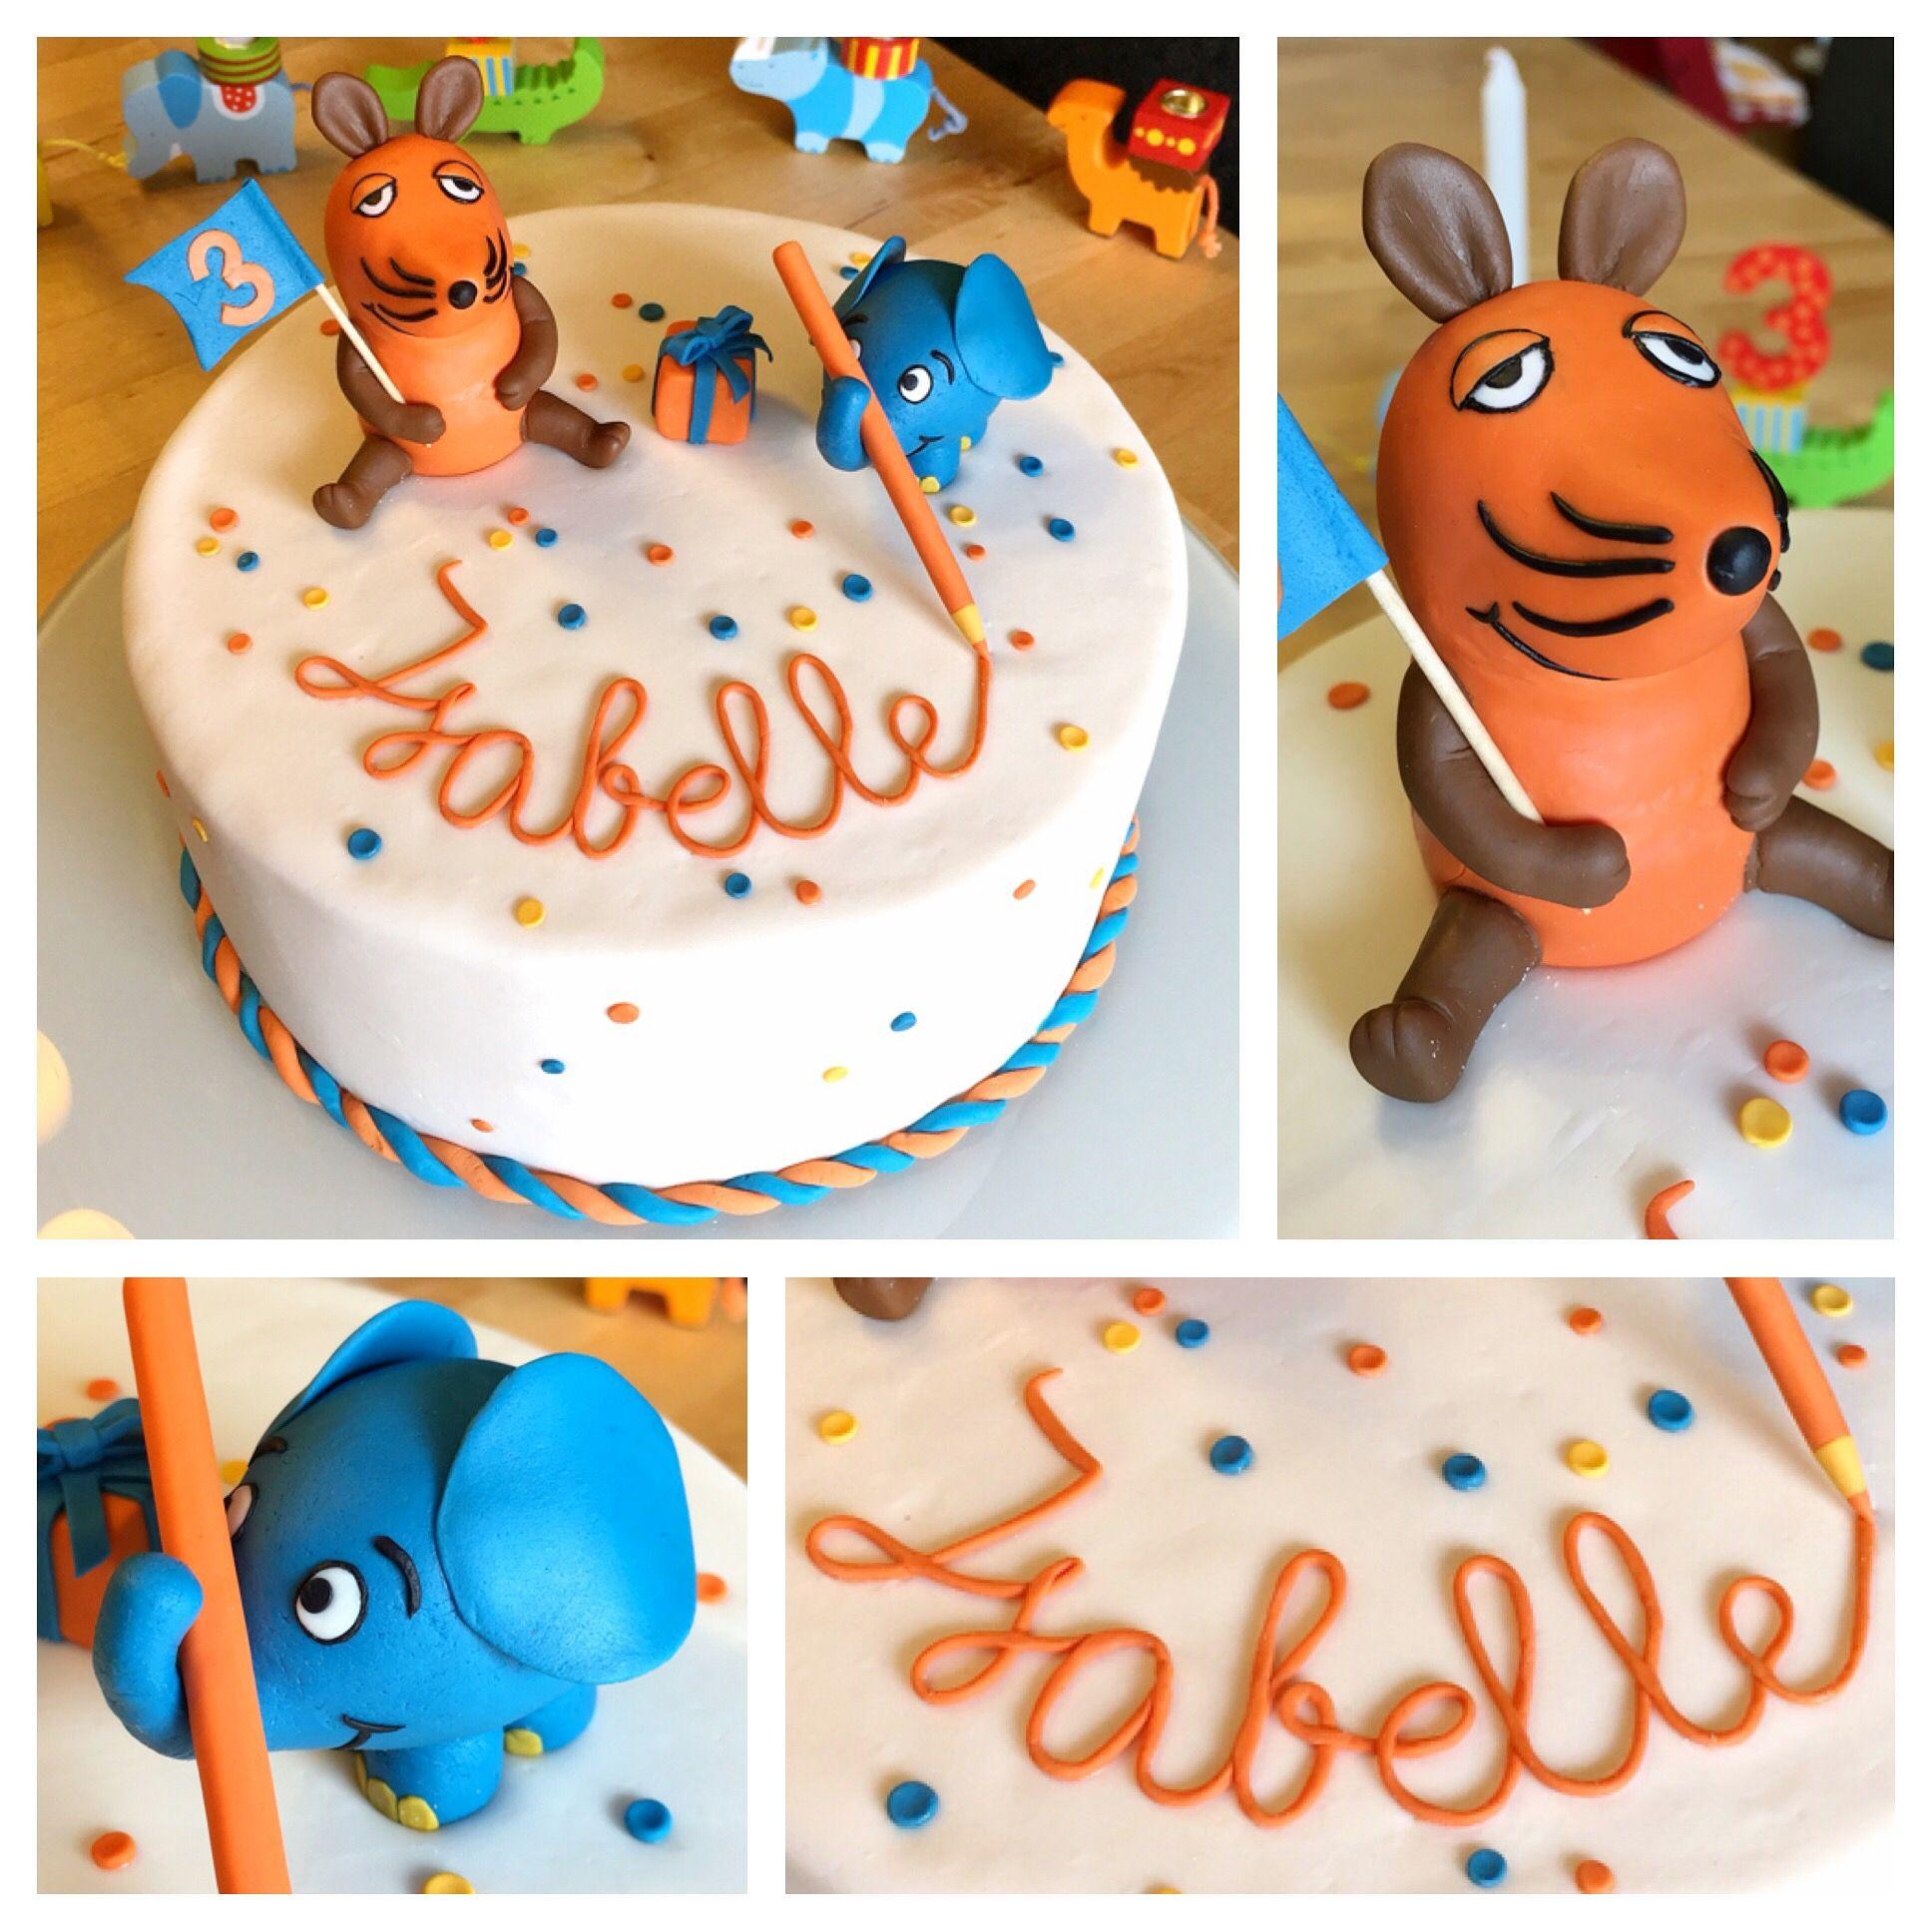 Sendung Mit Der Maus Torte Zum 3 Geburtstag Fimo Pinterest